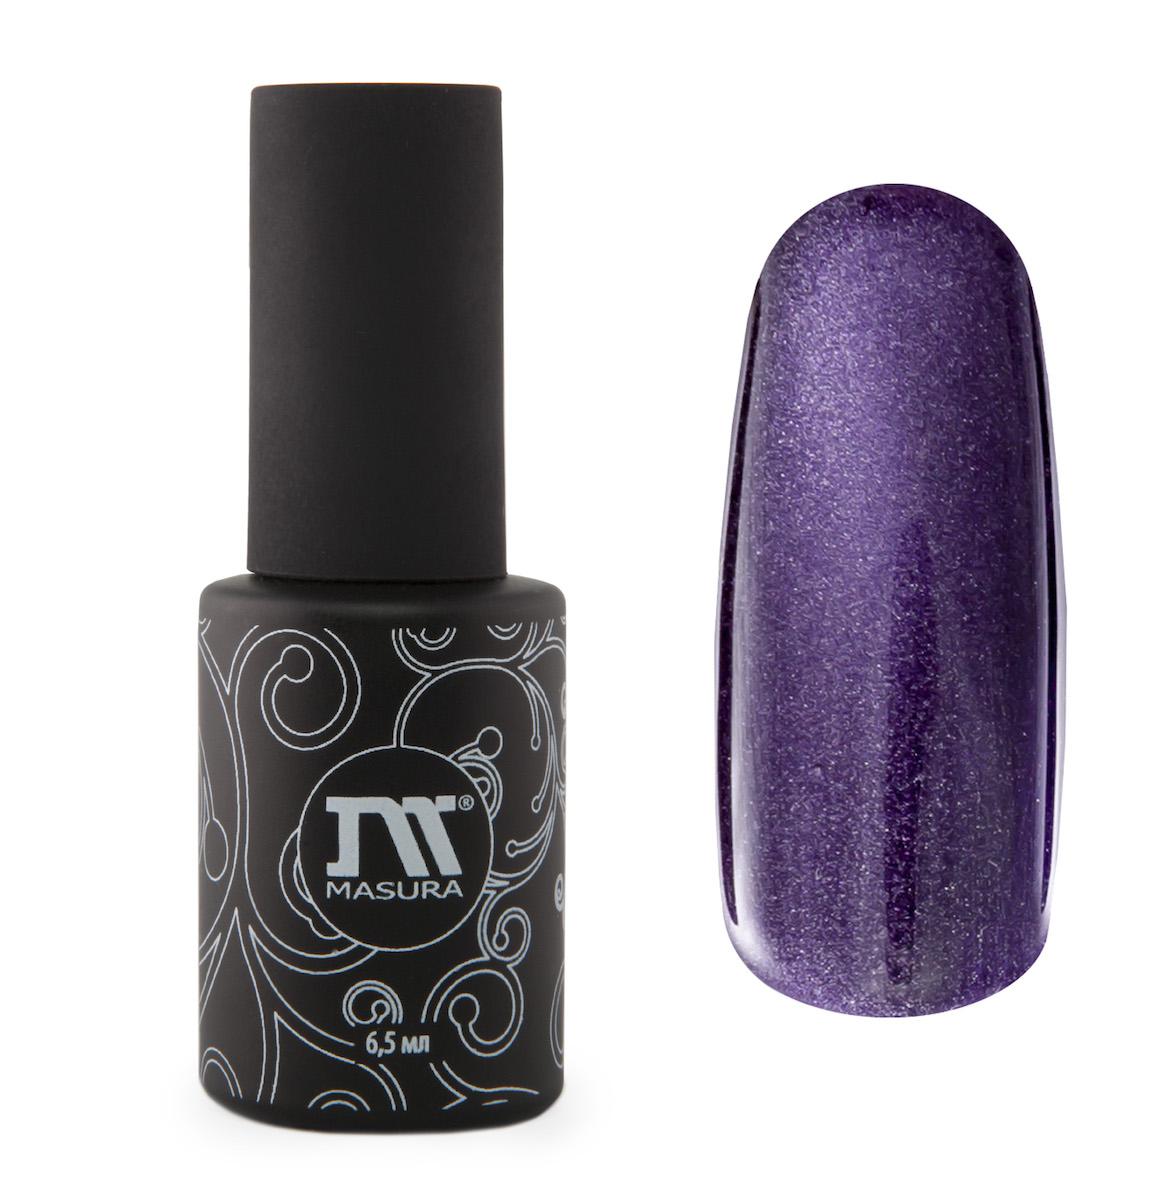 Masura Гель-лак Аметисты Ришелье, 6,5 мл295-08темно-фиолетовый, с зеркальным переливом, плотныйКак ухаживать за ногтями: советы эксперта. Статья OZON Гид